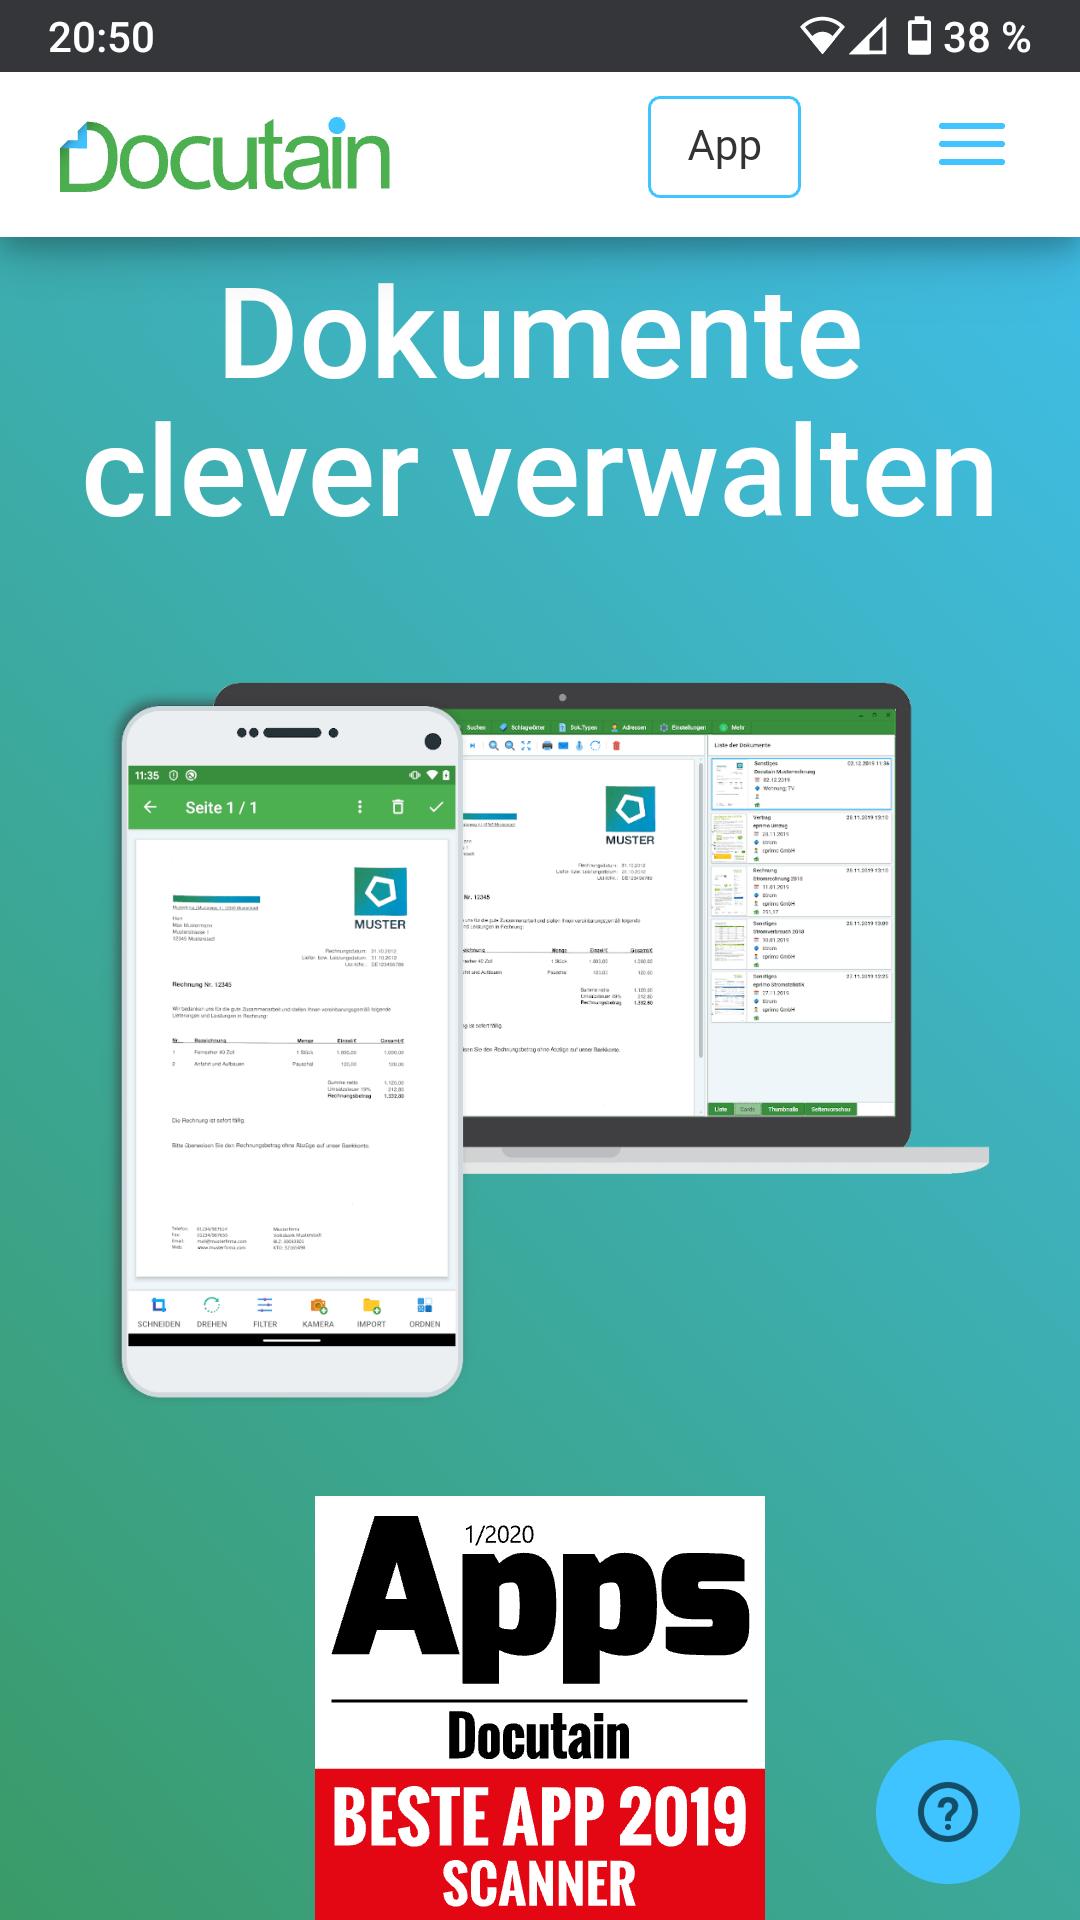 [iOS, Android, PC] Docutain - Dokumente scannen und verwalten - CyberWeek